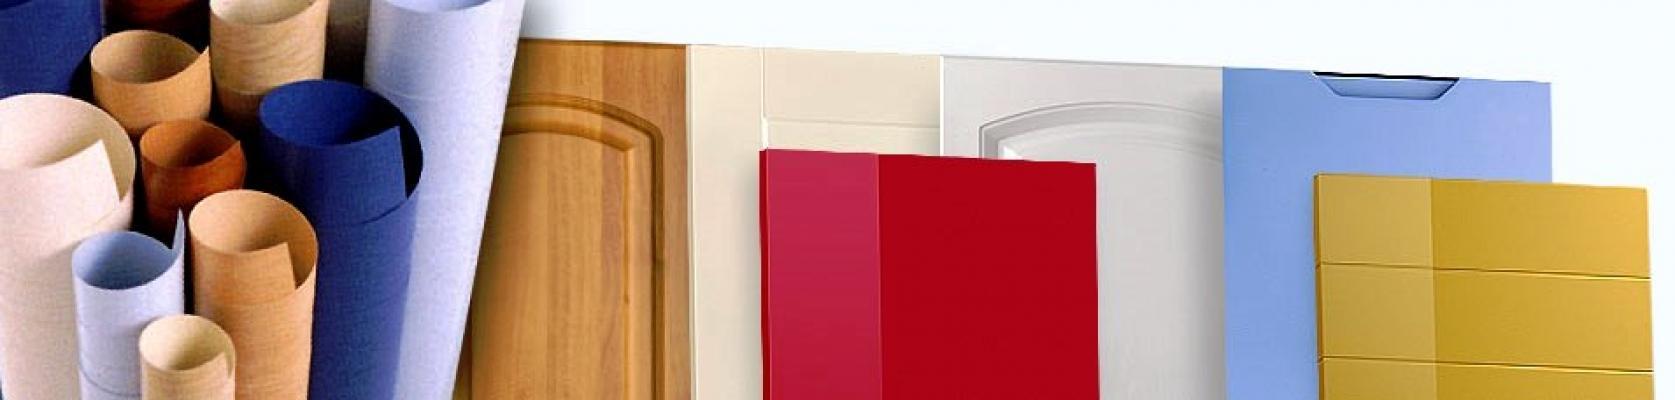 Ante in foglia polimerica a colori o effetto legno by Techinform